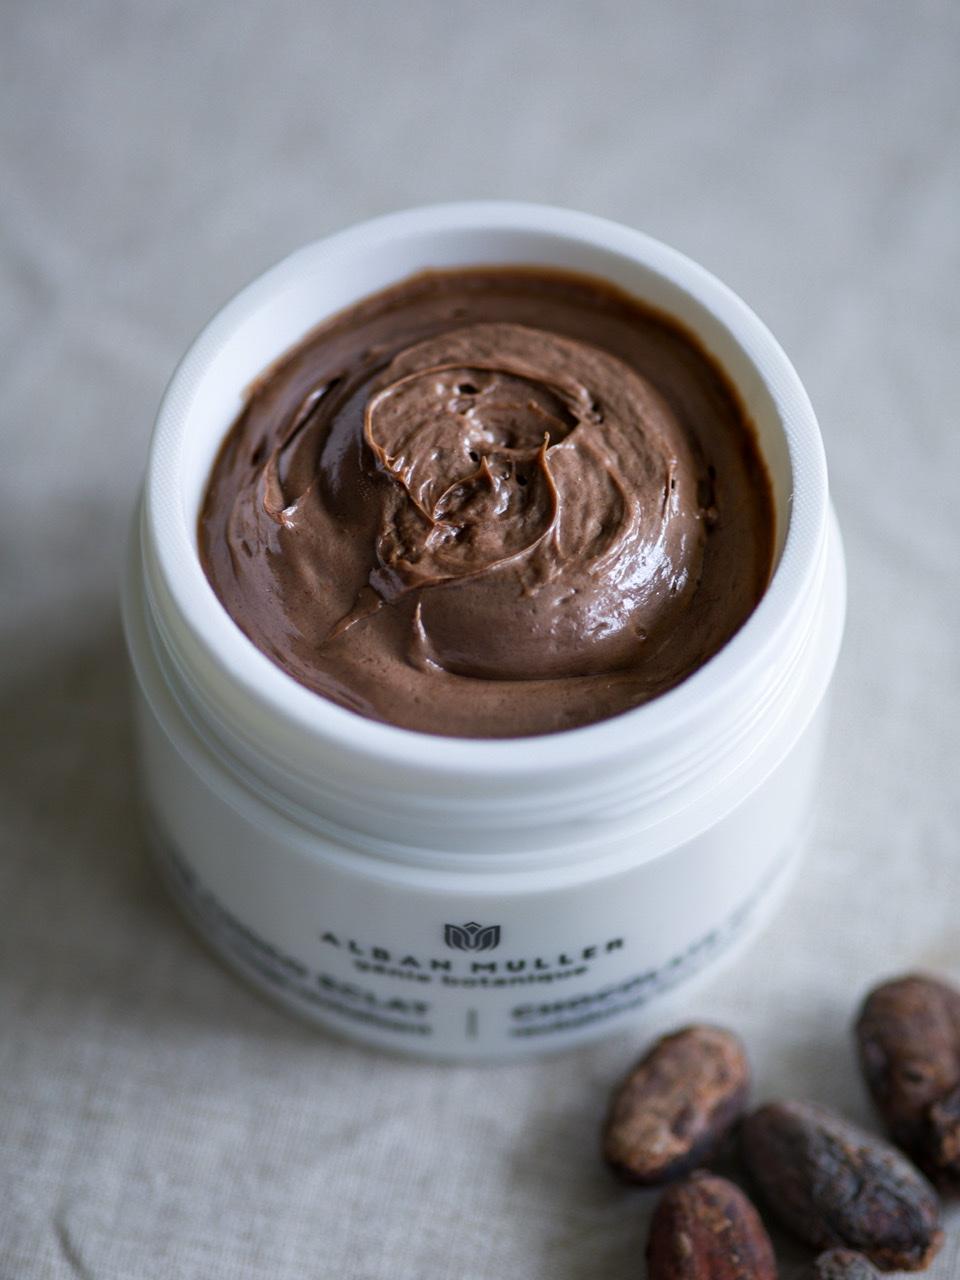 Alban Muller masque au chocolat